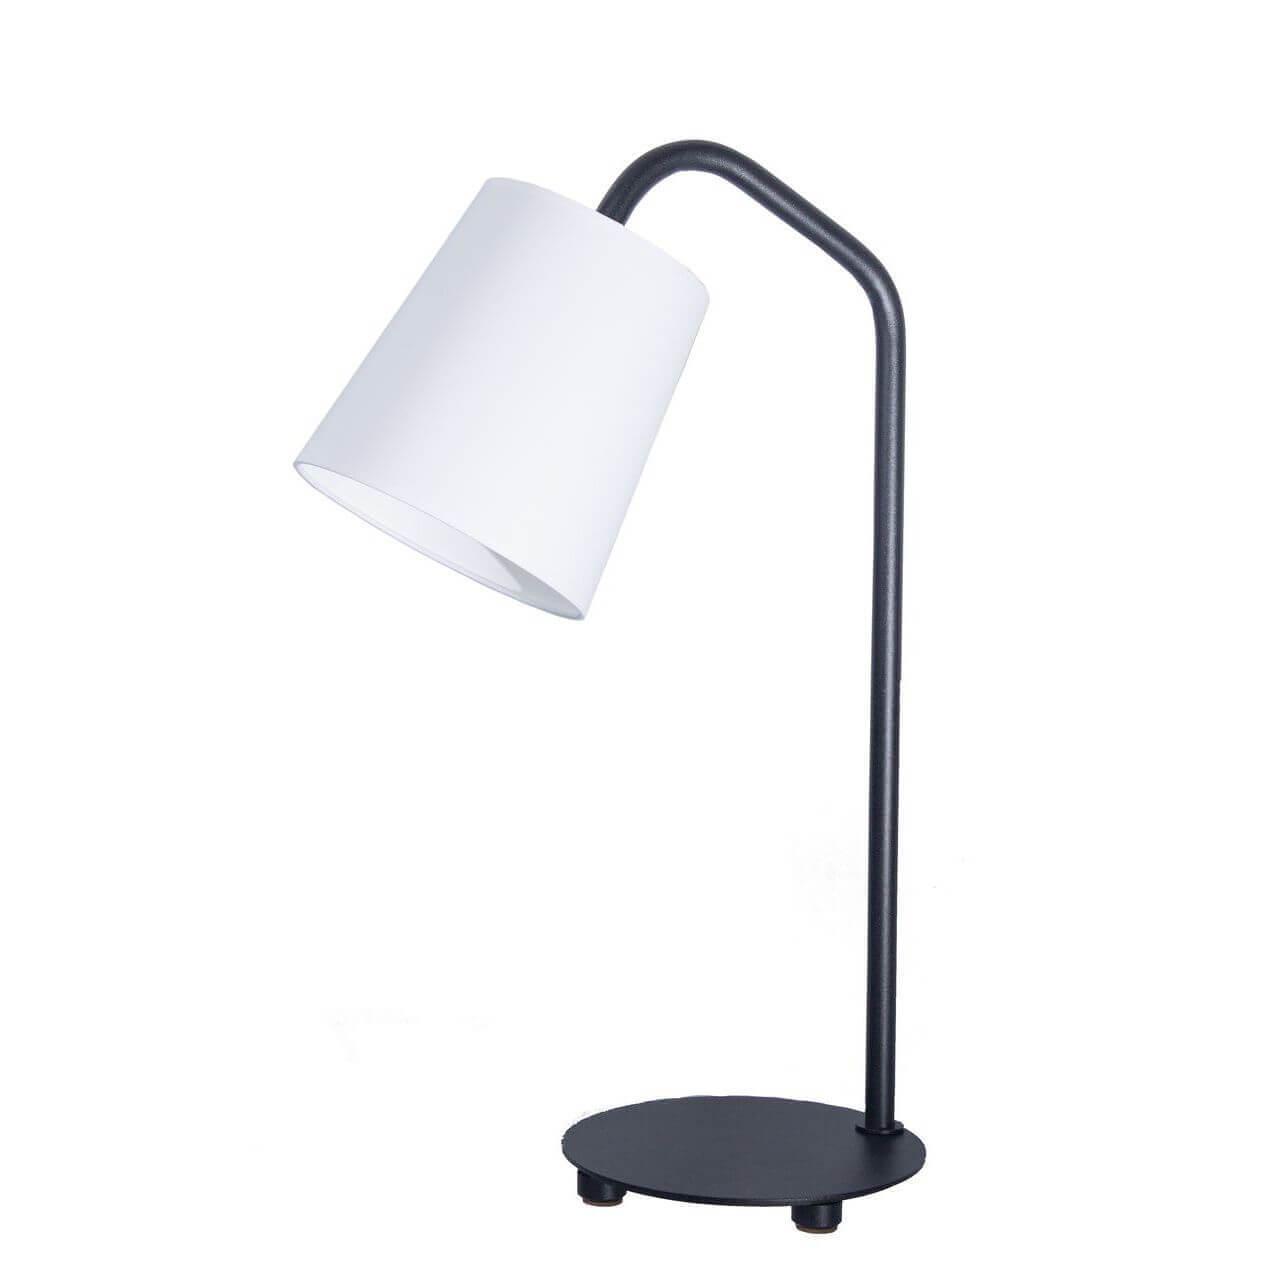 Настольная лампа TopDecor Flamingo T1 12 01g Black (Ткань на ПВХ (гладкая))